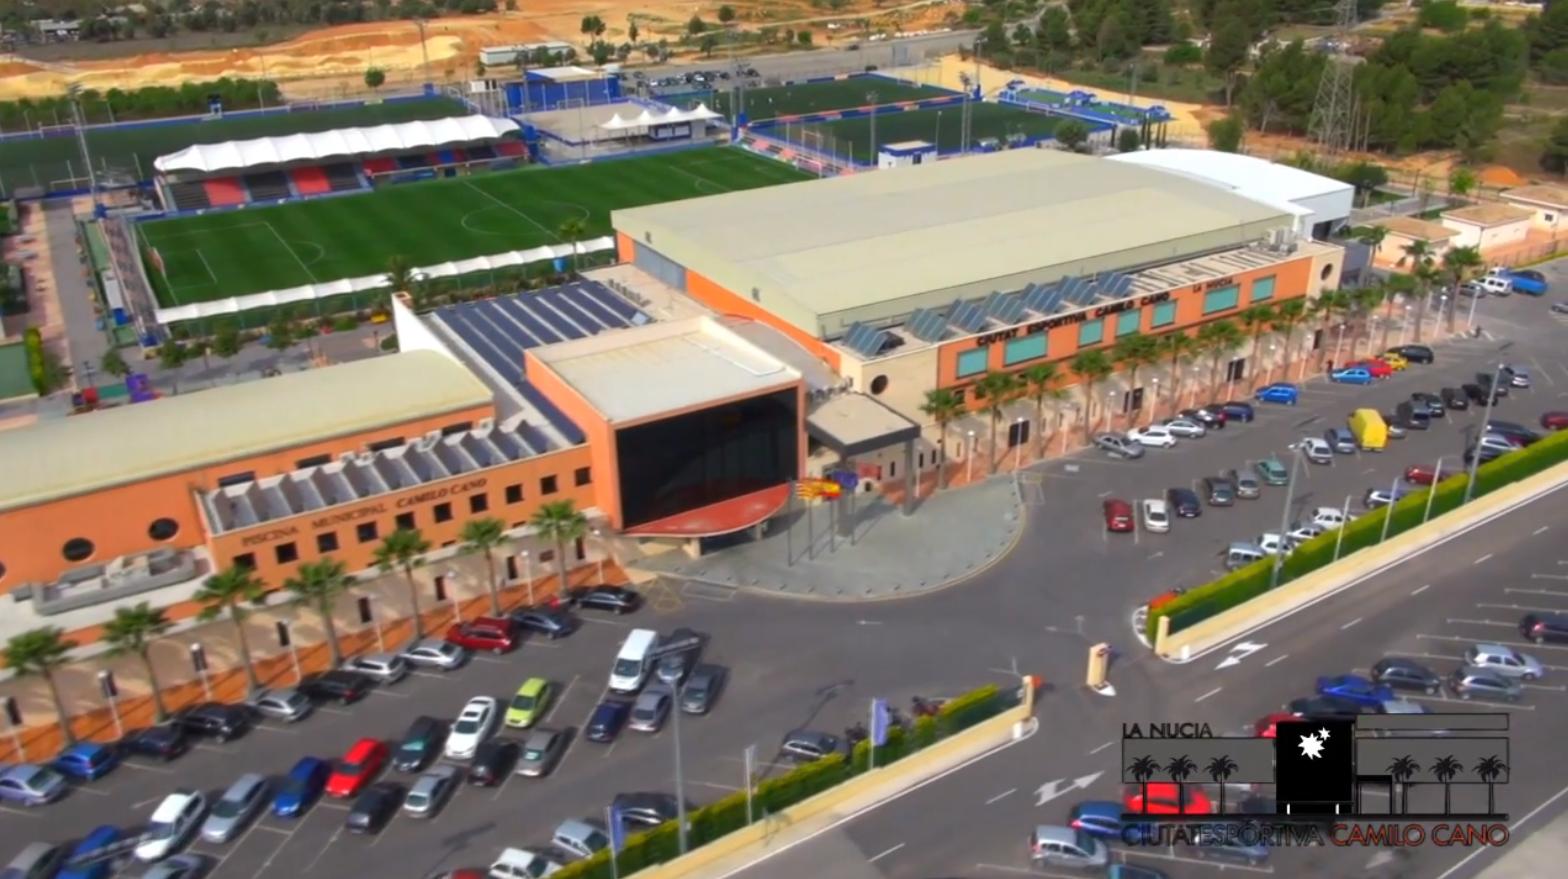 Ciudad Deportiva Camilo Cano sede del Campeonato Nacional de Dardos RadikalDarts 2019